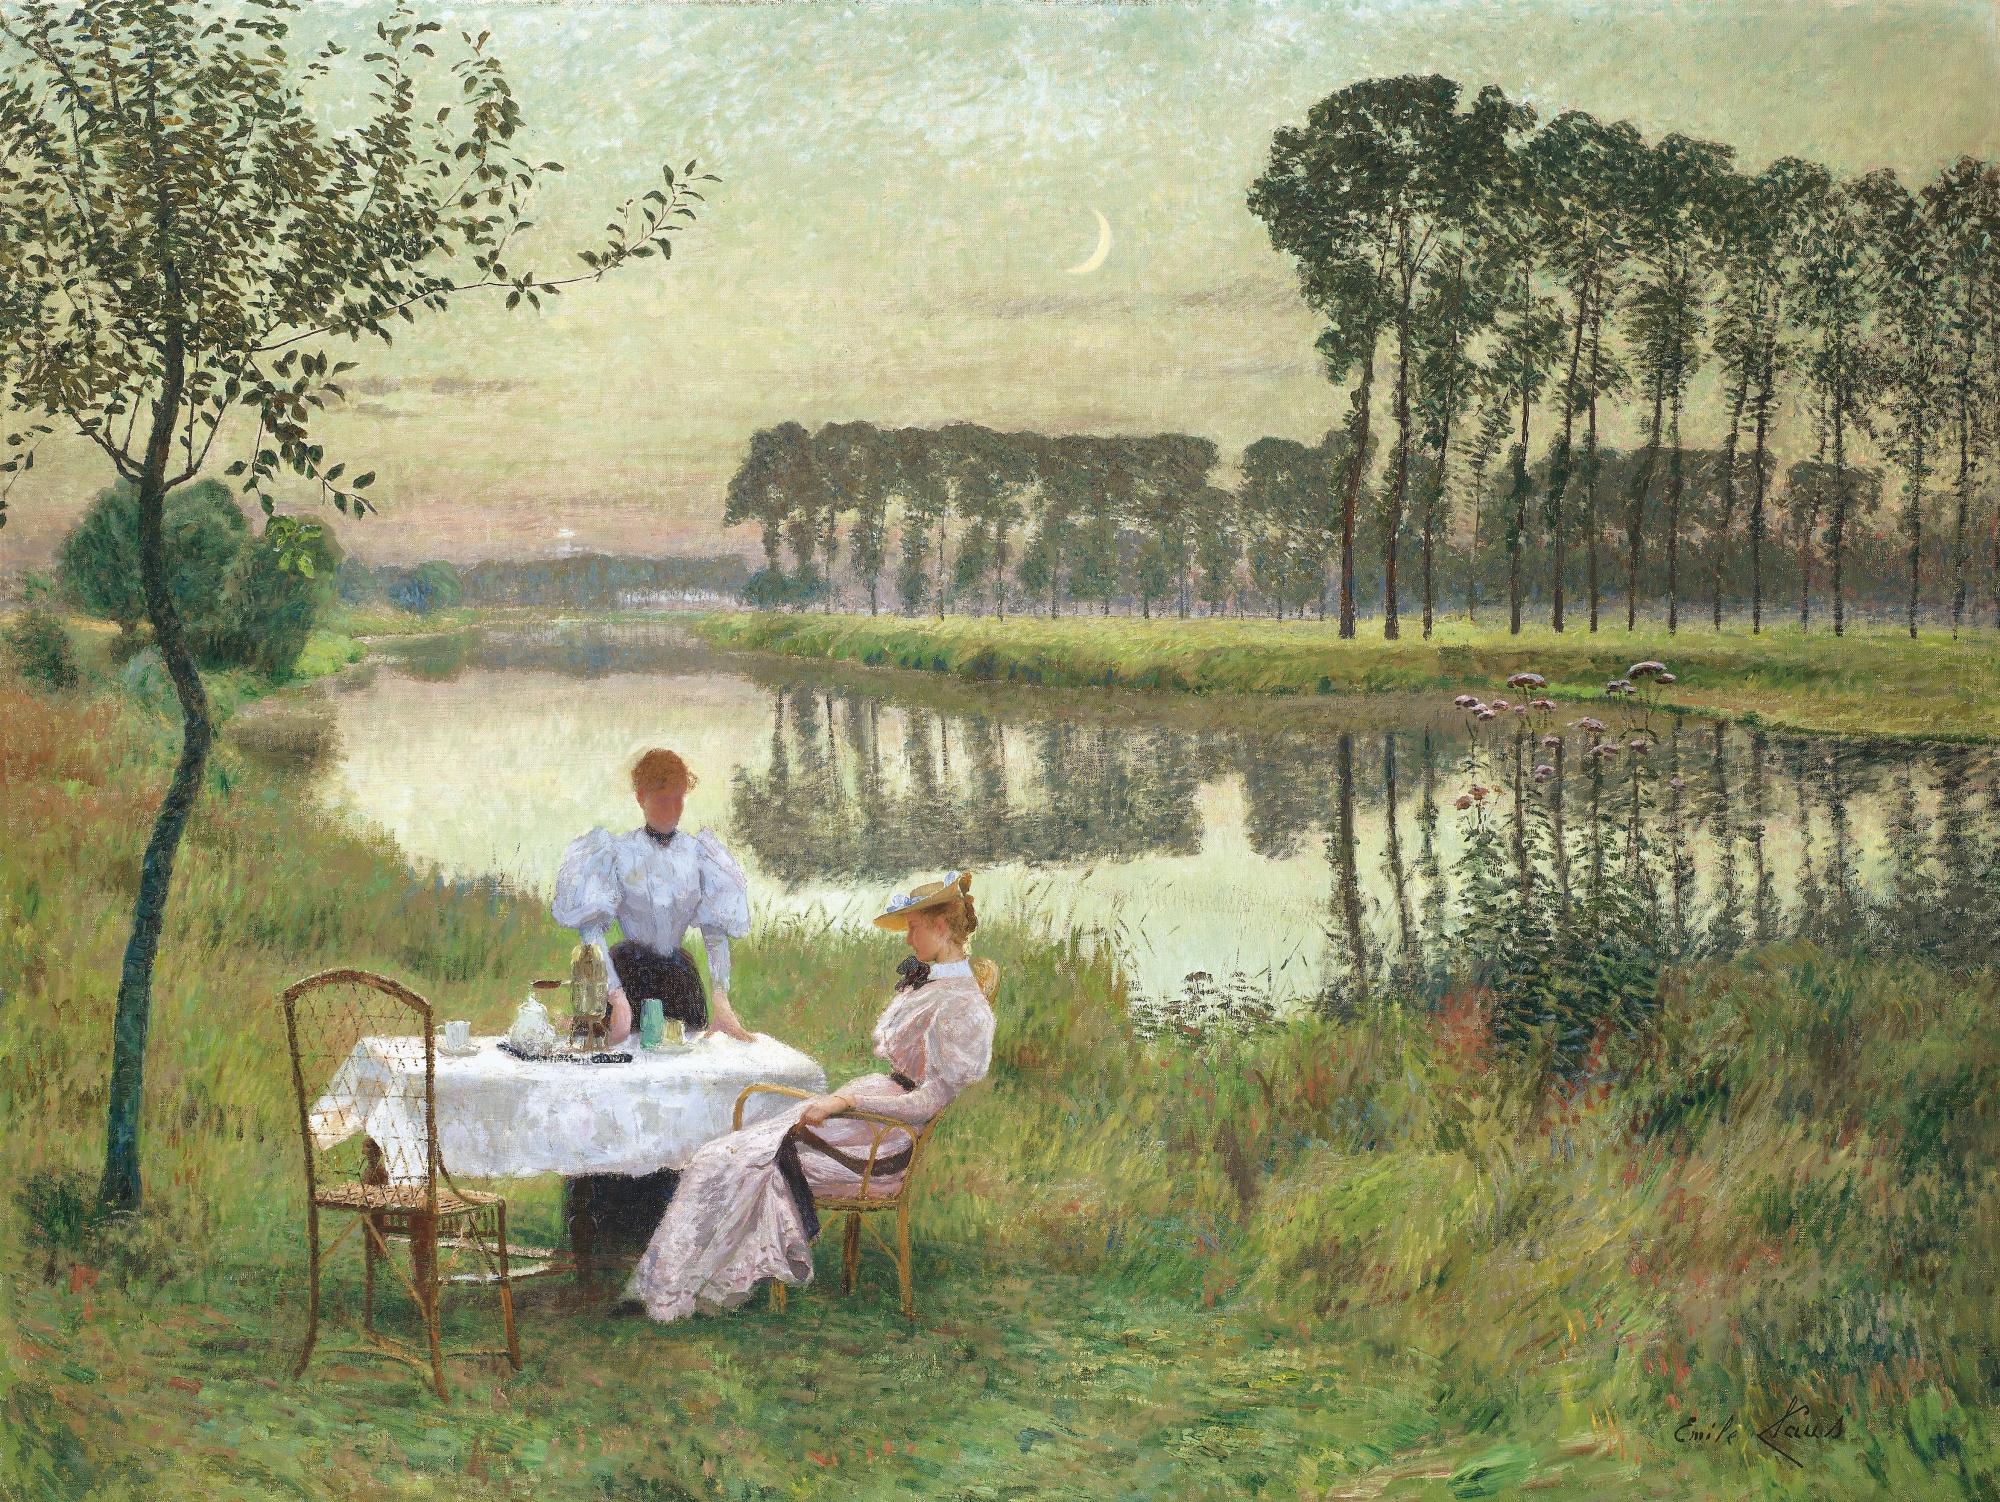 Sister Paintings Sale